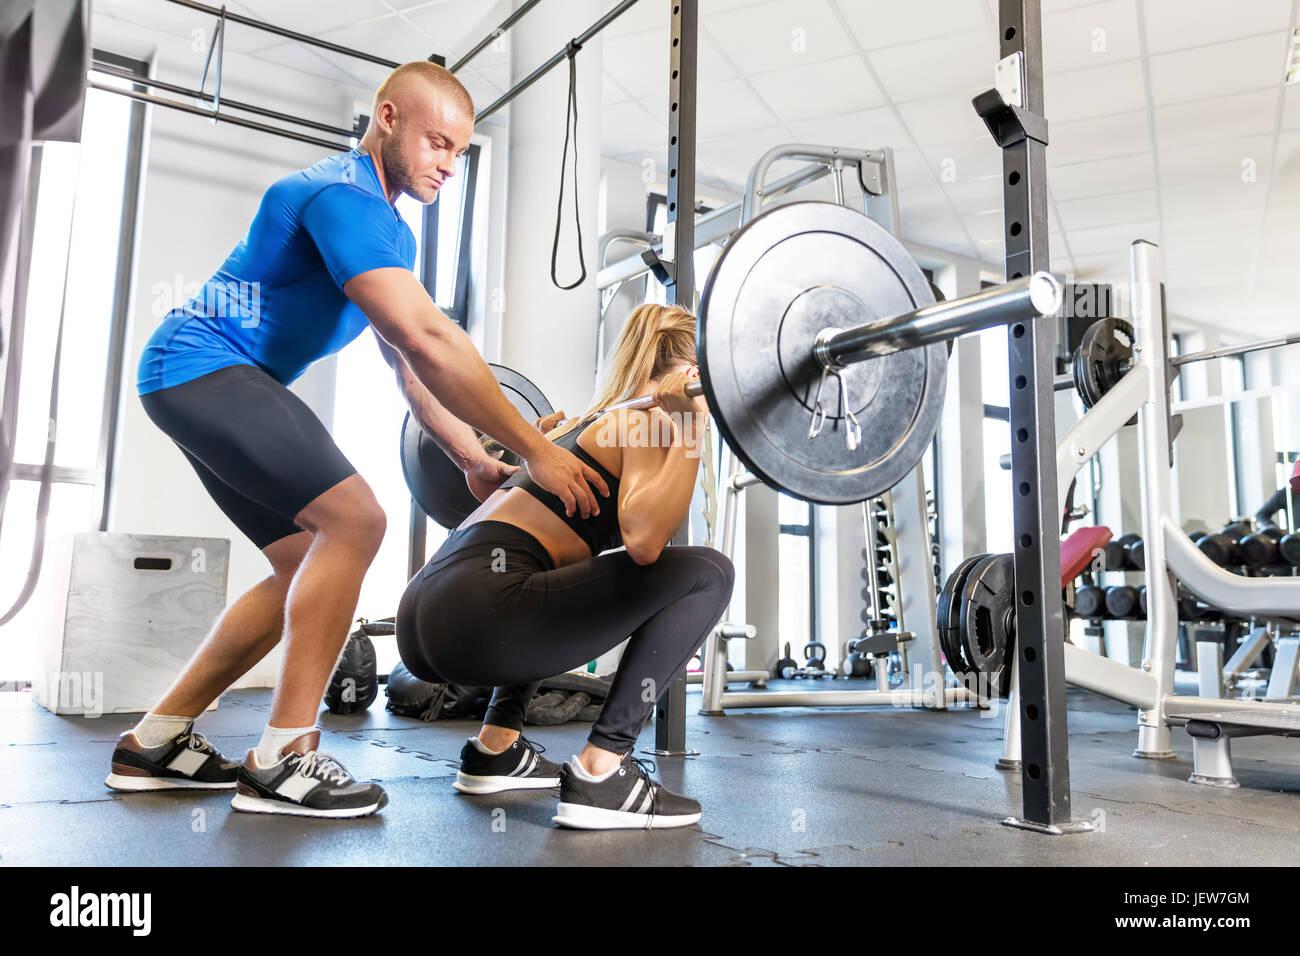 Persönlicher Trainer in der Turnhalle mit einem Client arbeiten. Gewichtheben Training Unterstützung und Stockbild